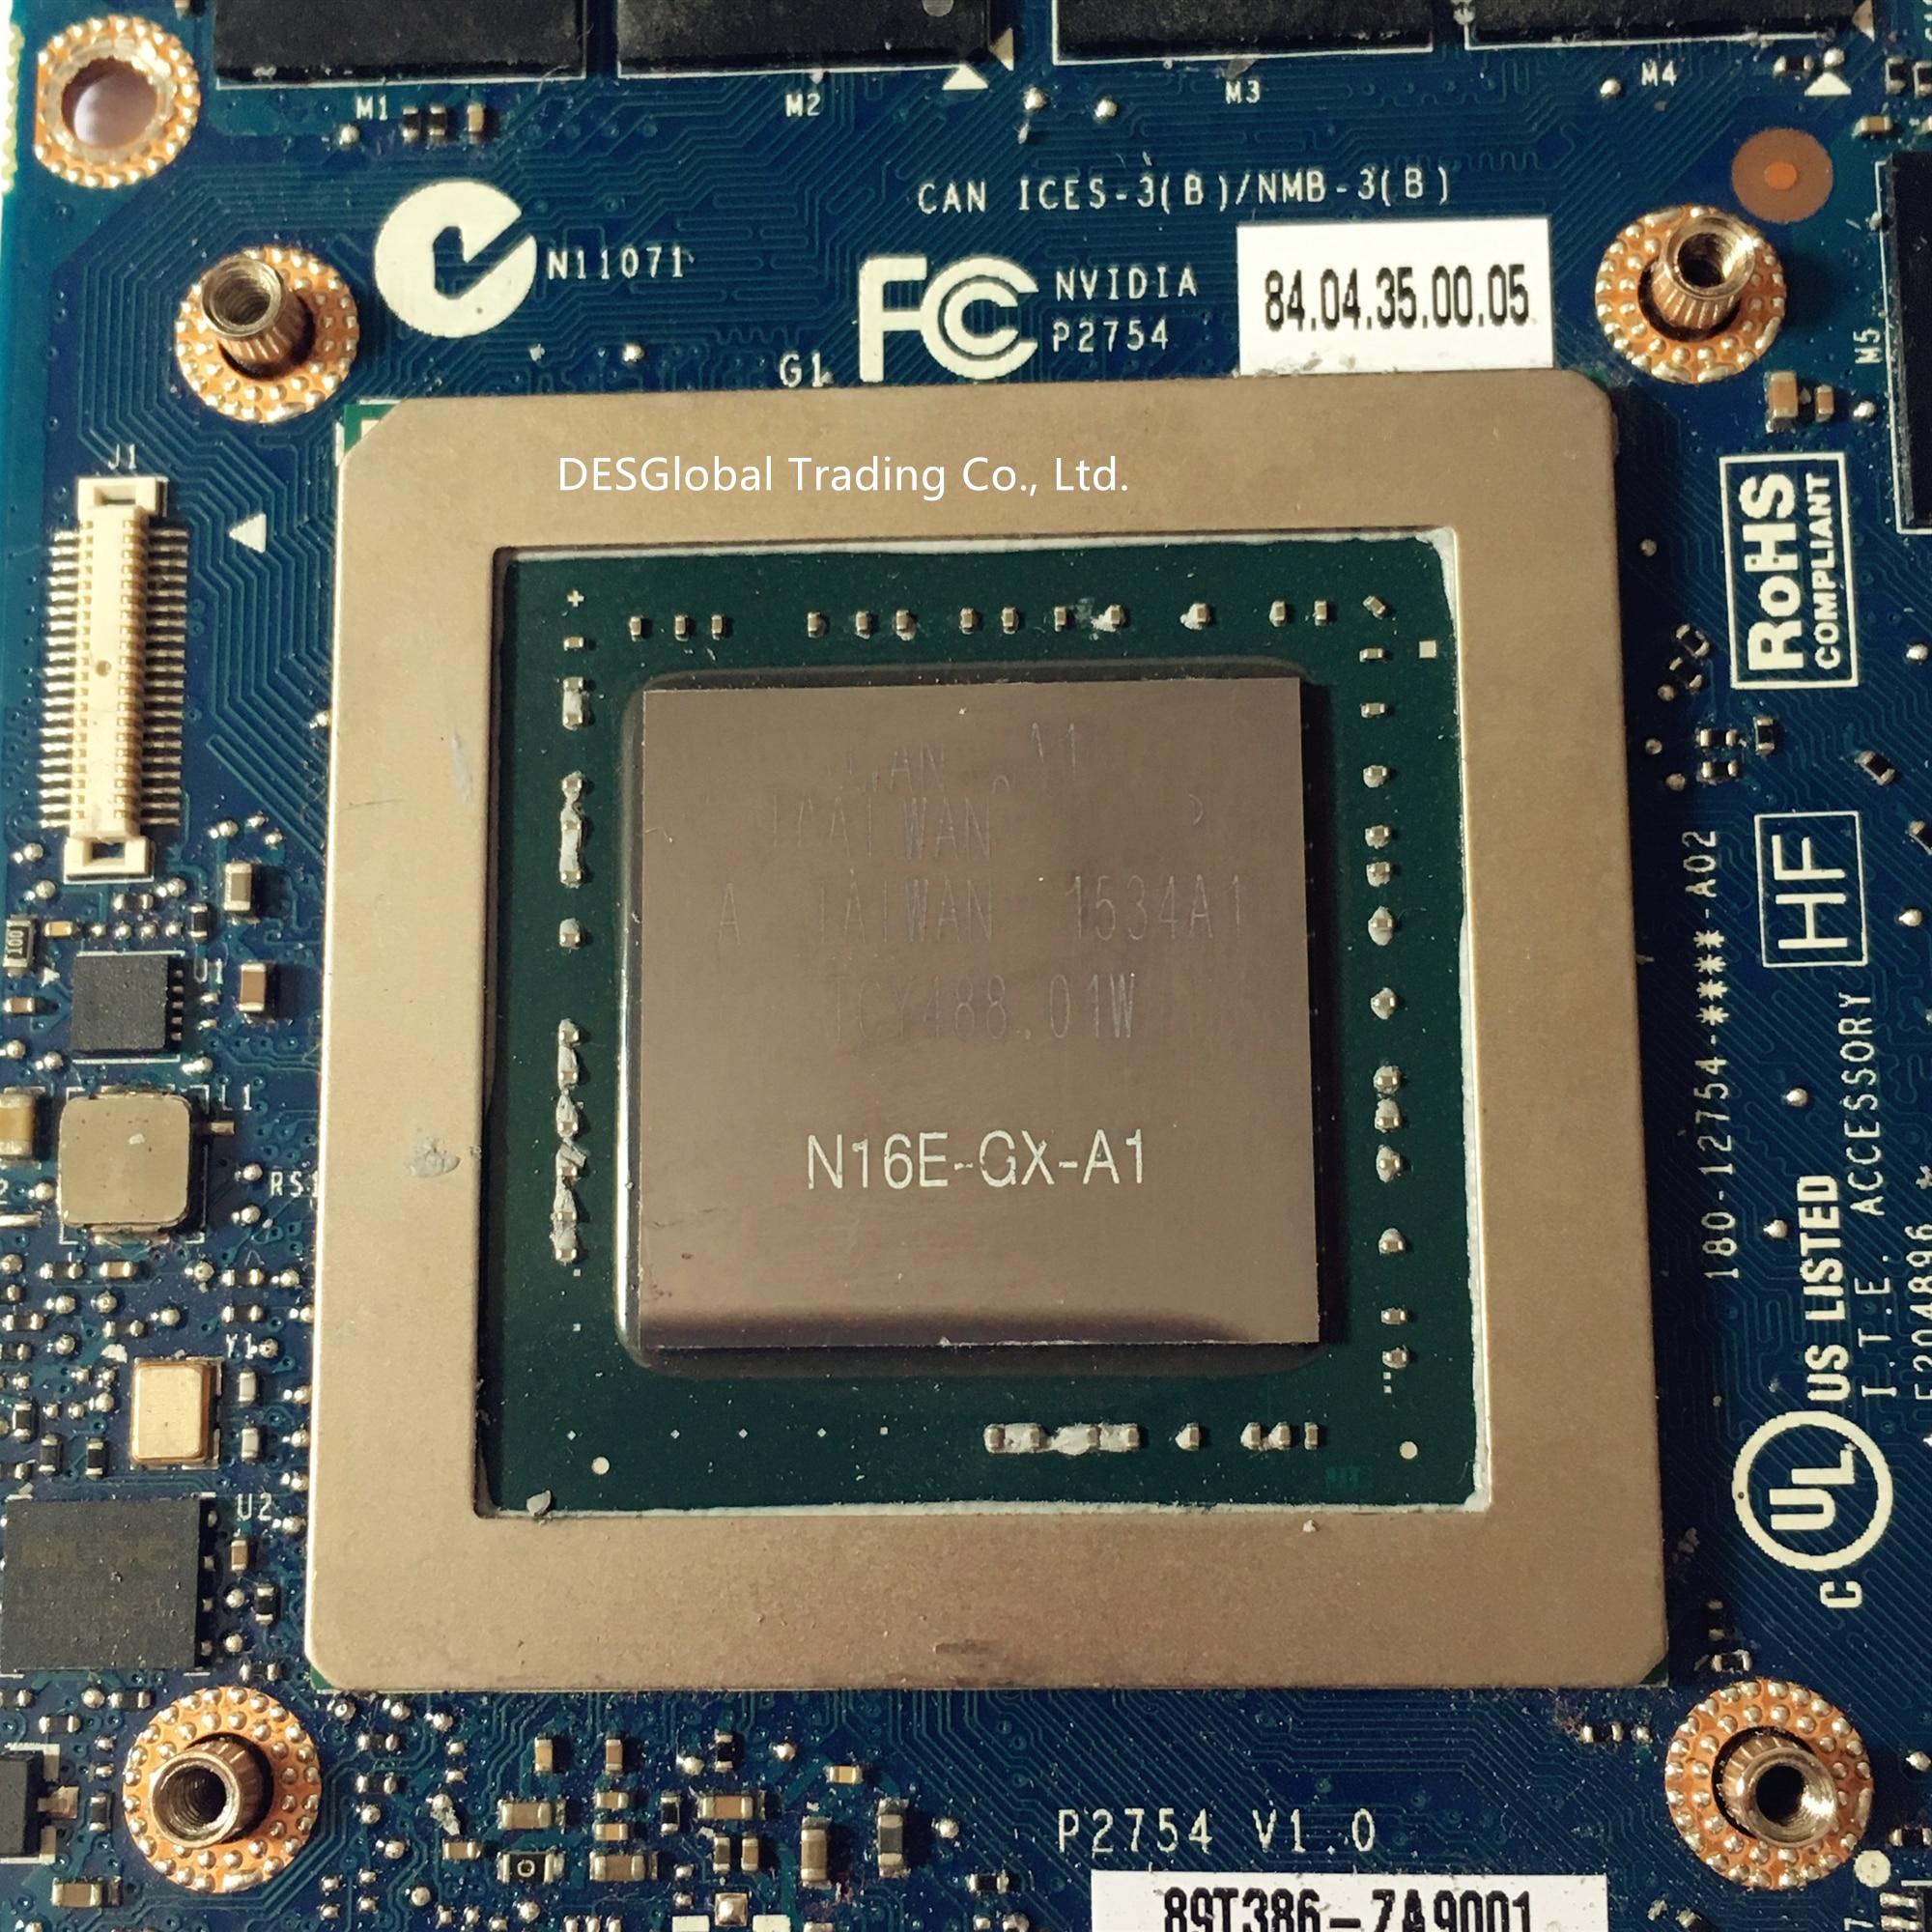 כרטיס גרפי GTX 980M 8G GTX980M כרטיס גרפי עבור Dell M17x R4 R5 M18X R2 R3 עם X-Bracket N16E-GX-A1 8GB GDDR5 MXM 100% עבודה מלא הבדיקה (3)